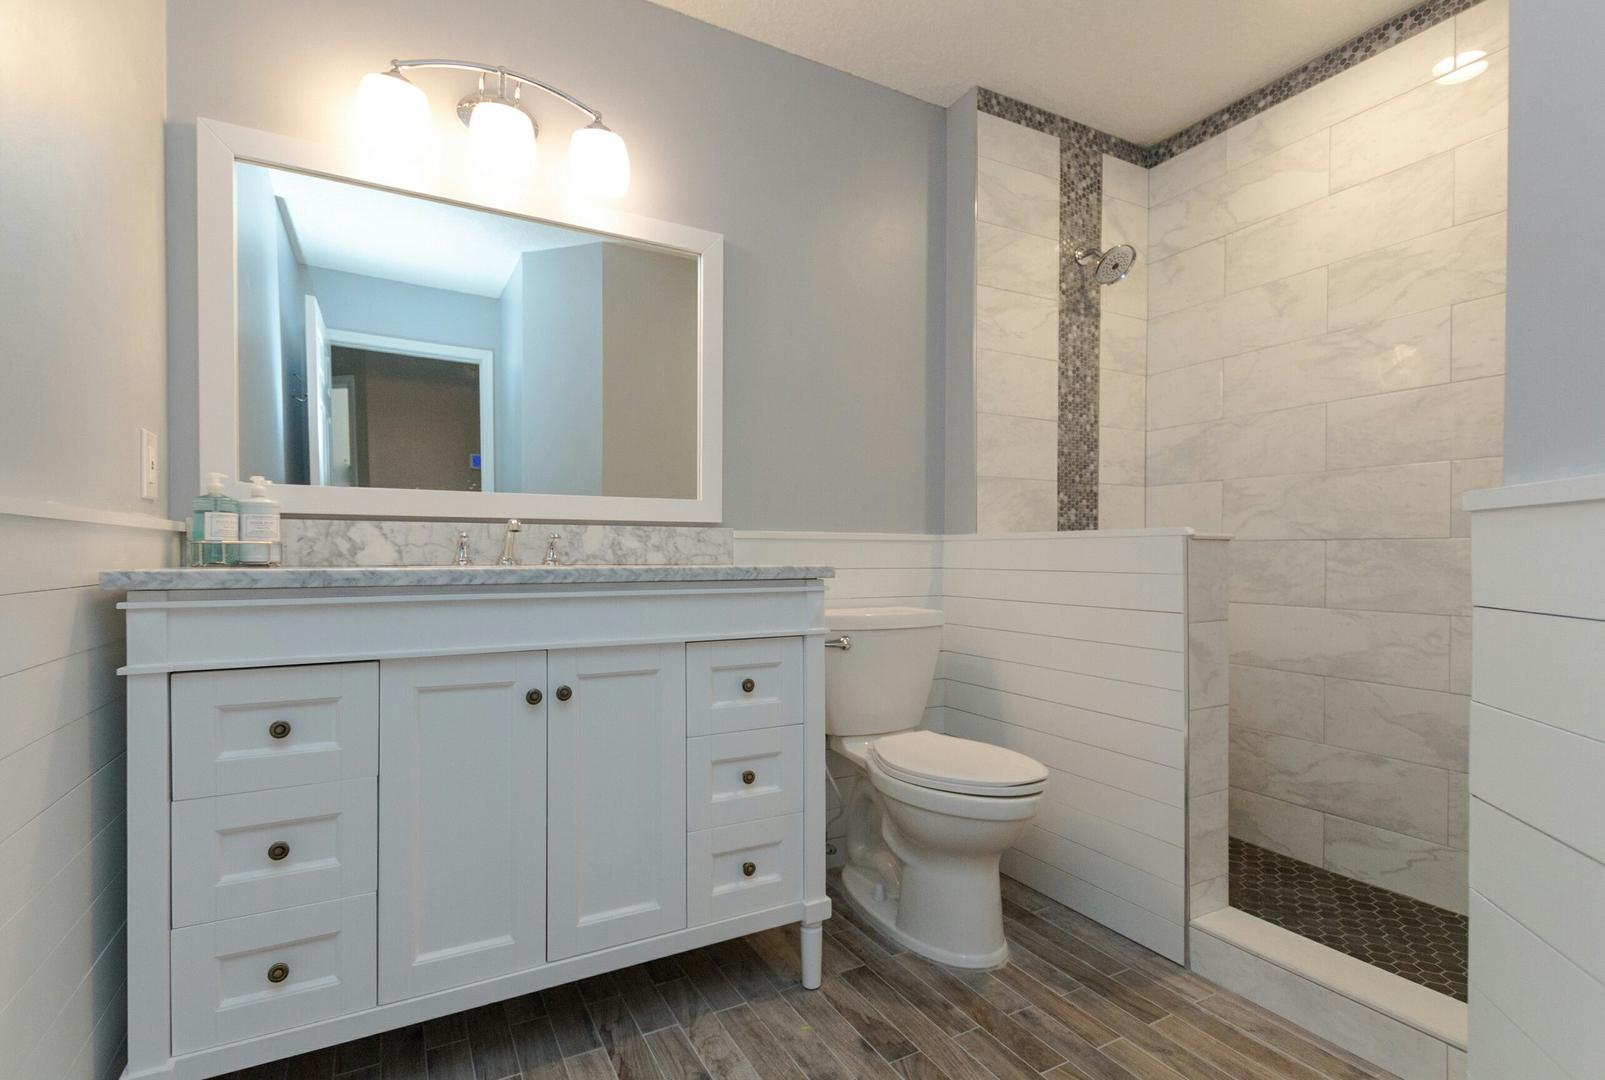 Home Design Consultation Art And Design Tony Middleton - Home design consultation